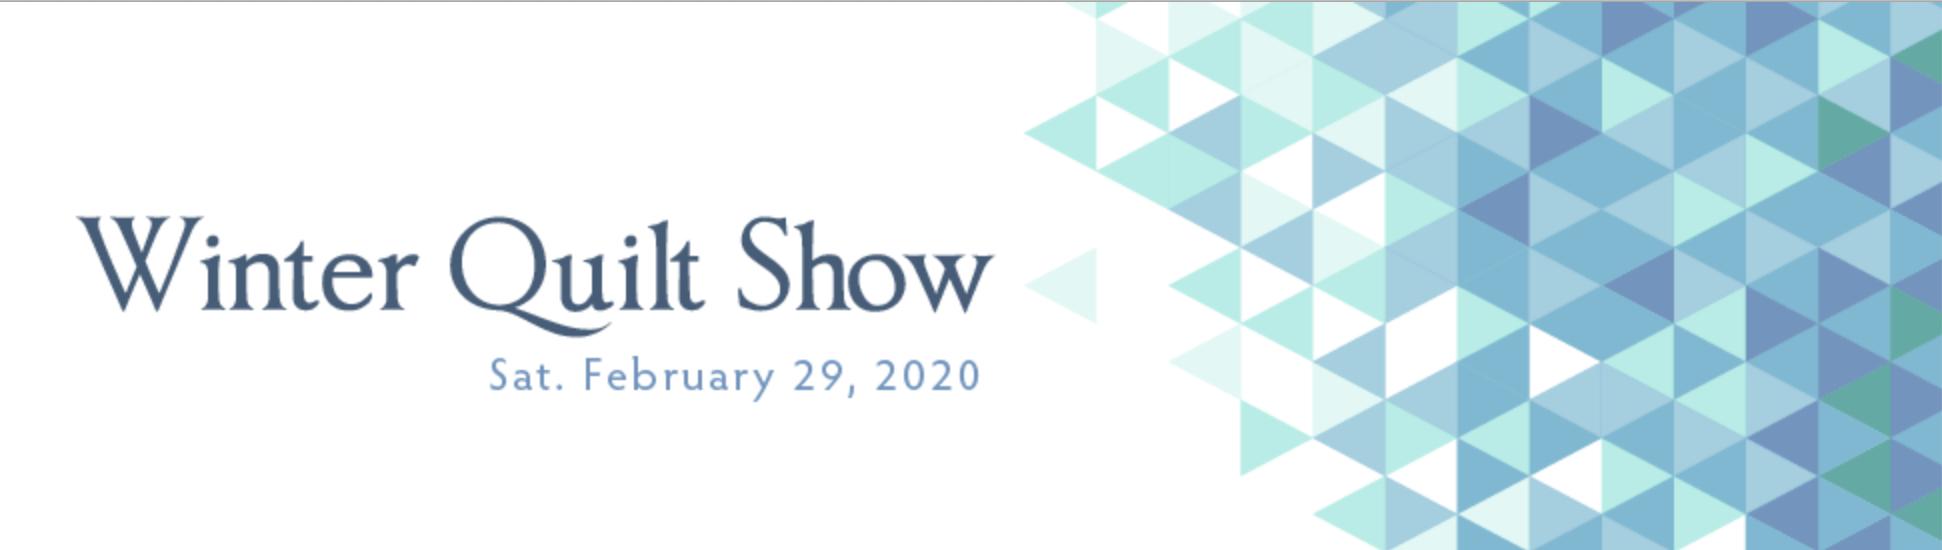 winter-quilt-show-wisconsin-2020